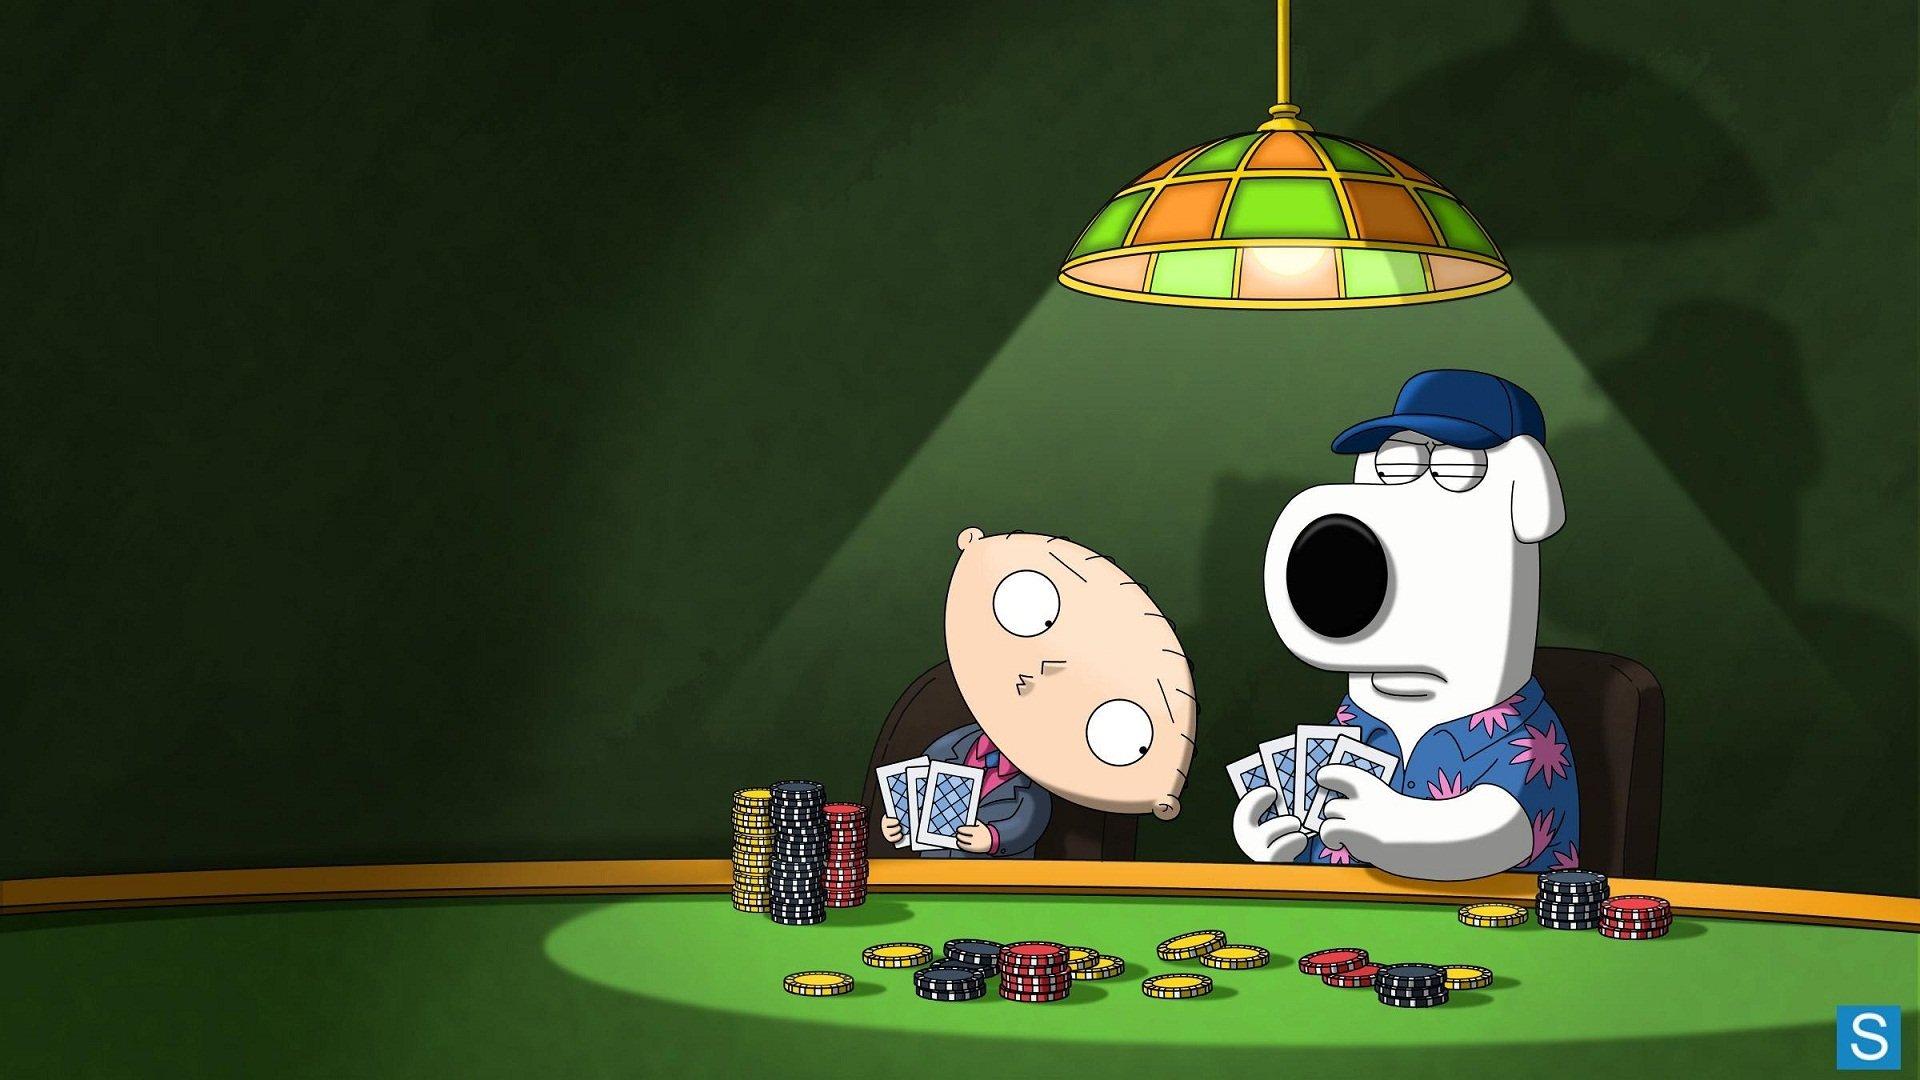 Stewie Griffin Wallpaper Hd Free Family Guy Wallpapers Download Pixelstalk Net